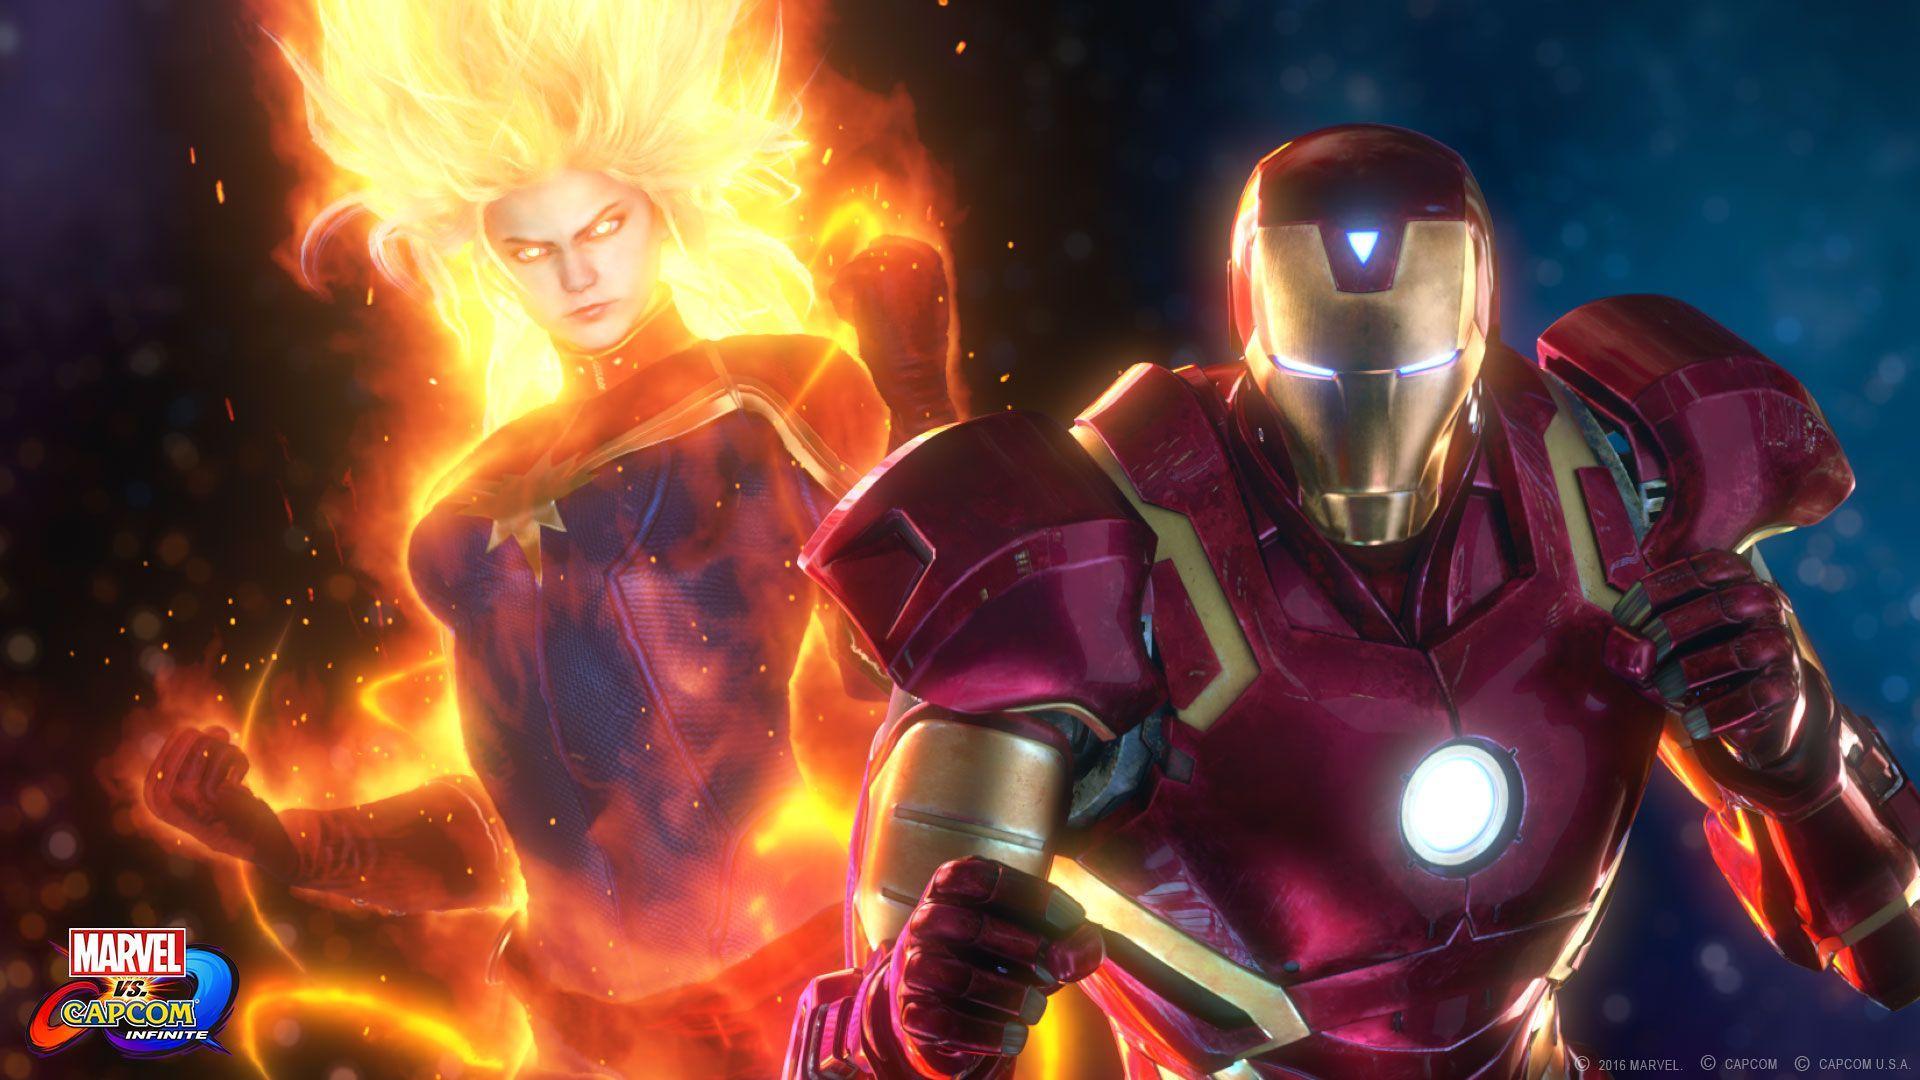 Marvel Vs Capcom Infinite Wallpapers Wallpaper Cave